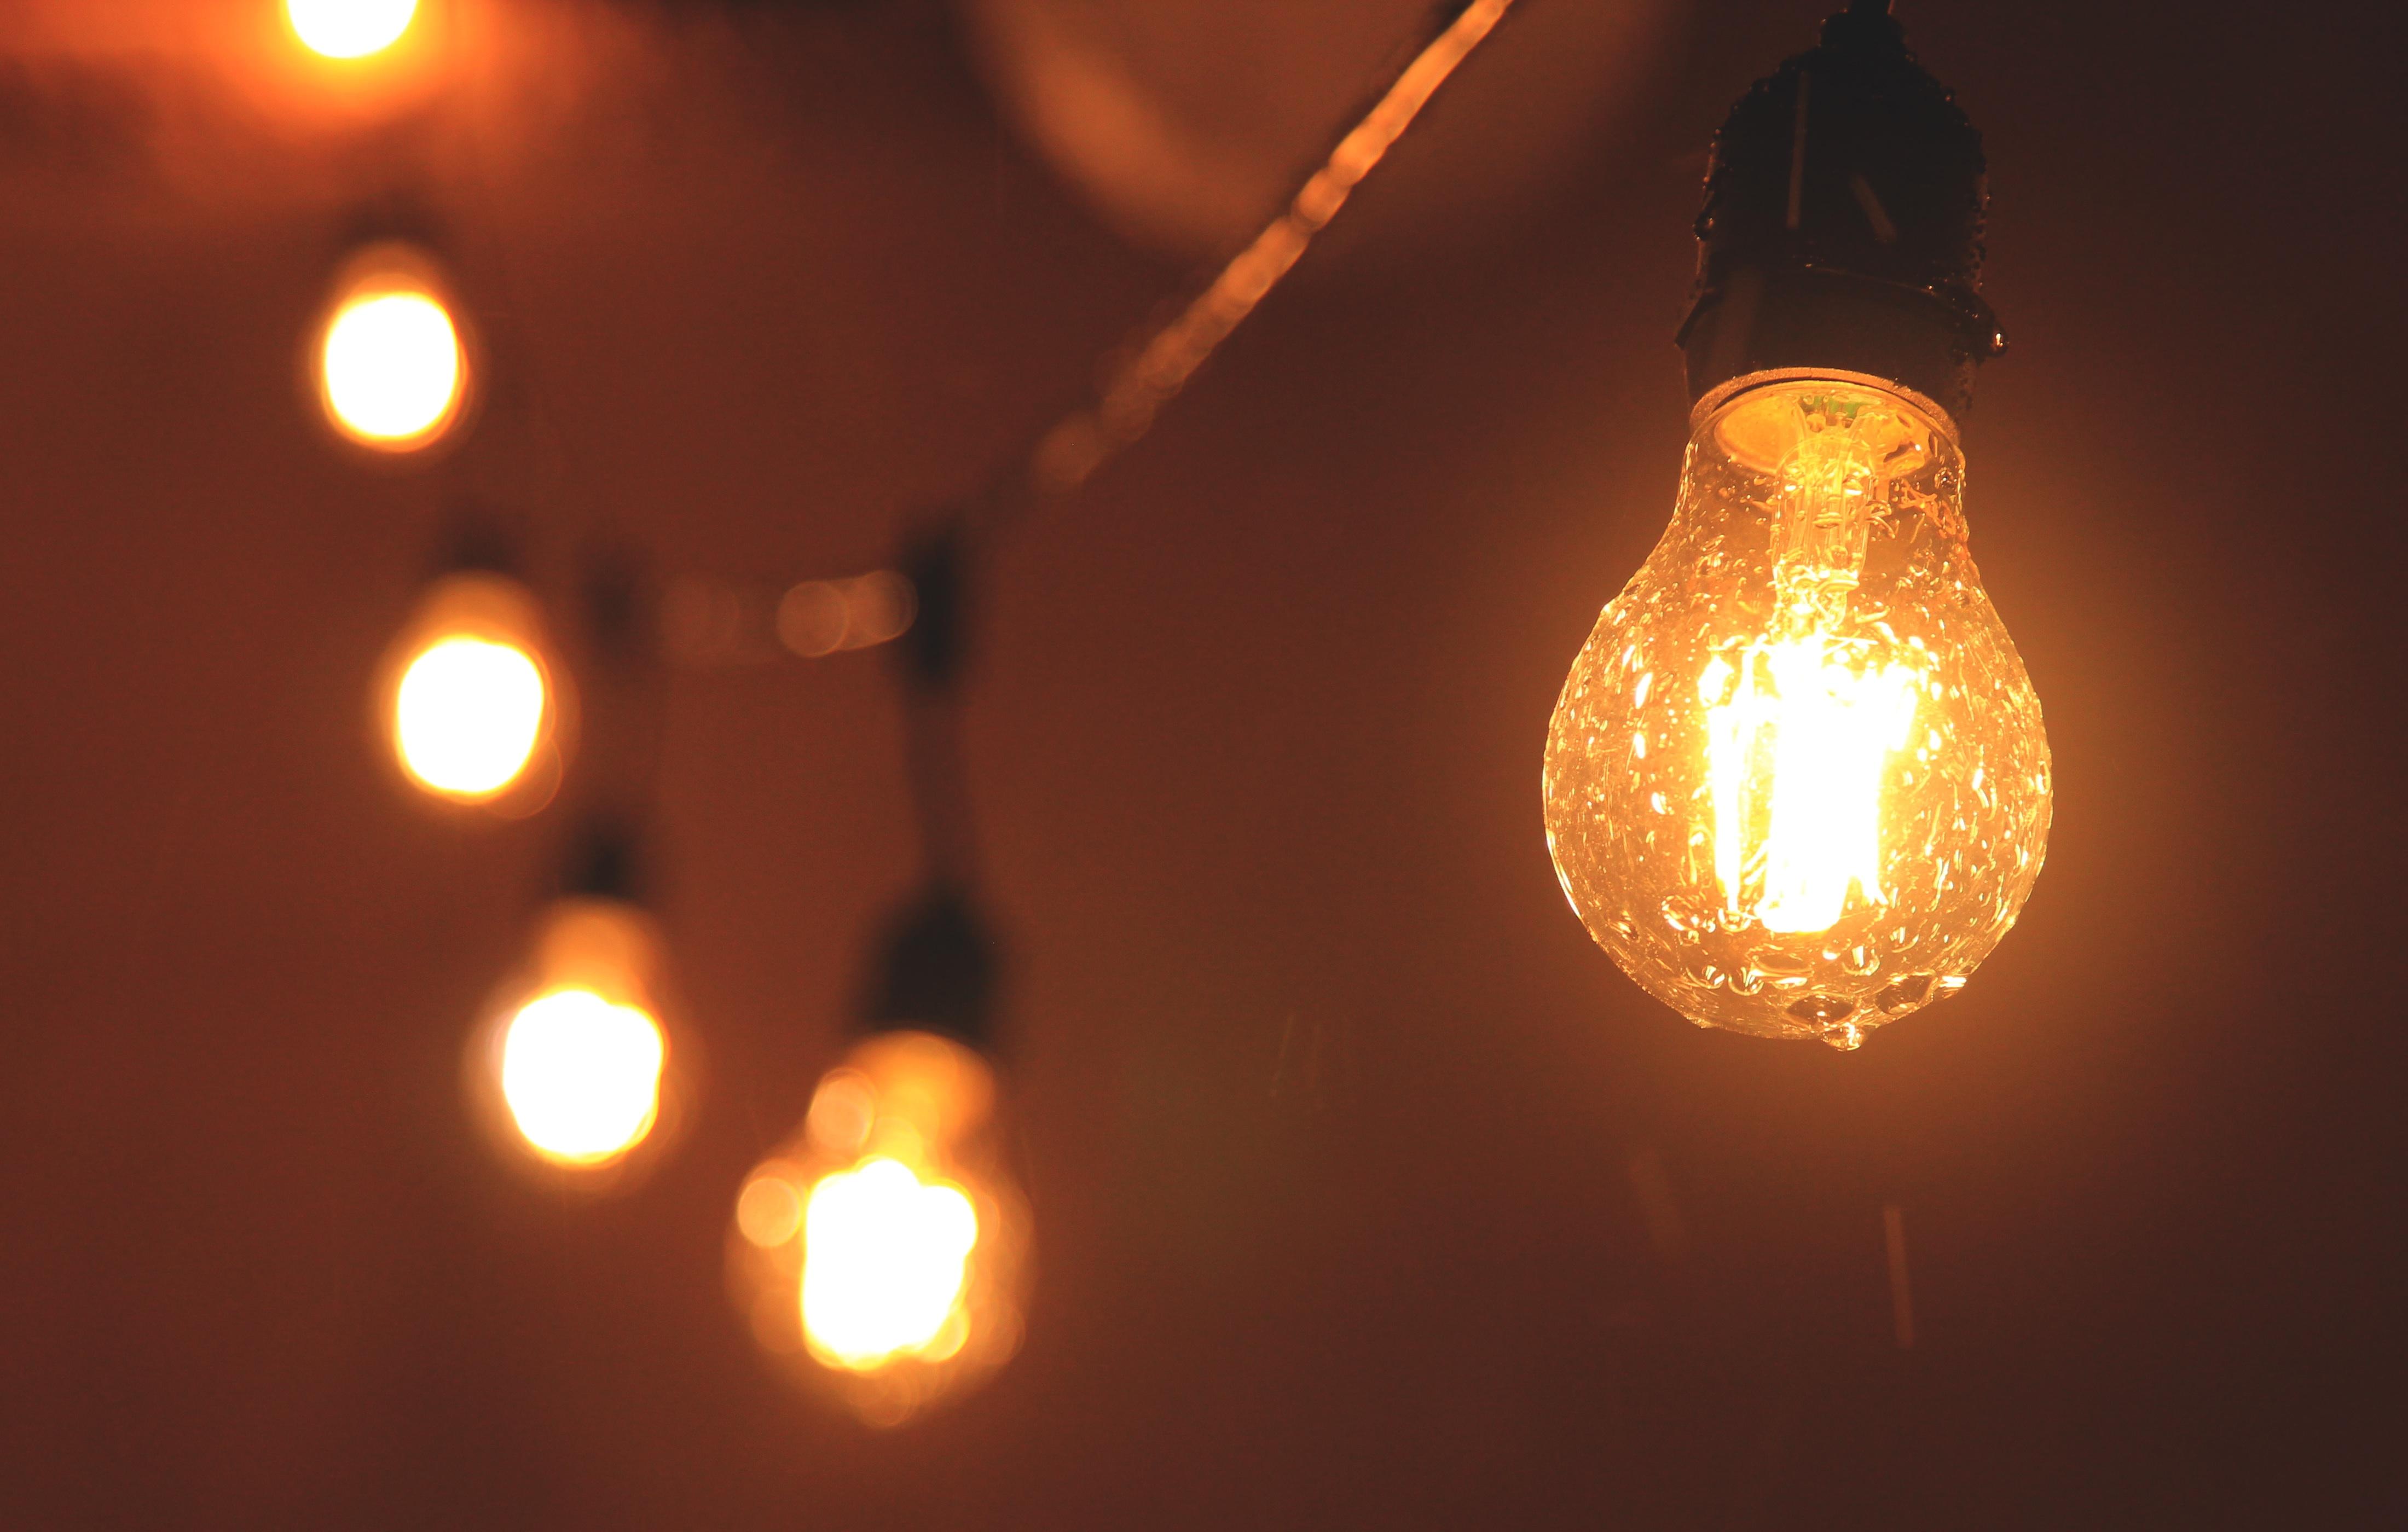 Красивая картинка с лампочками